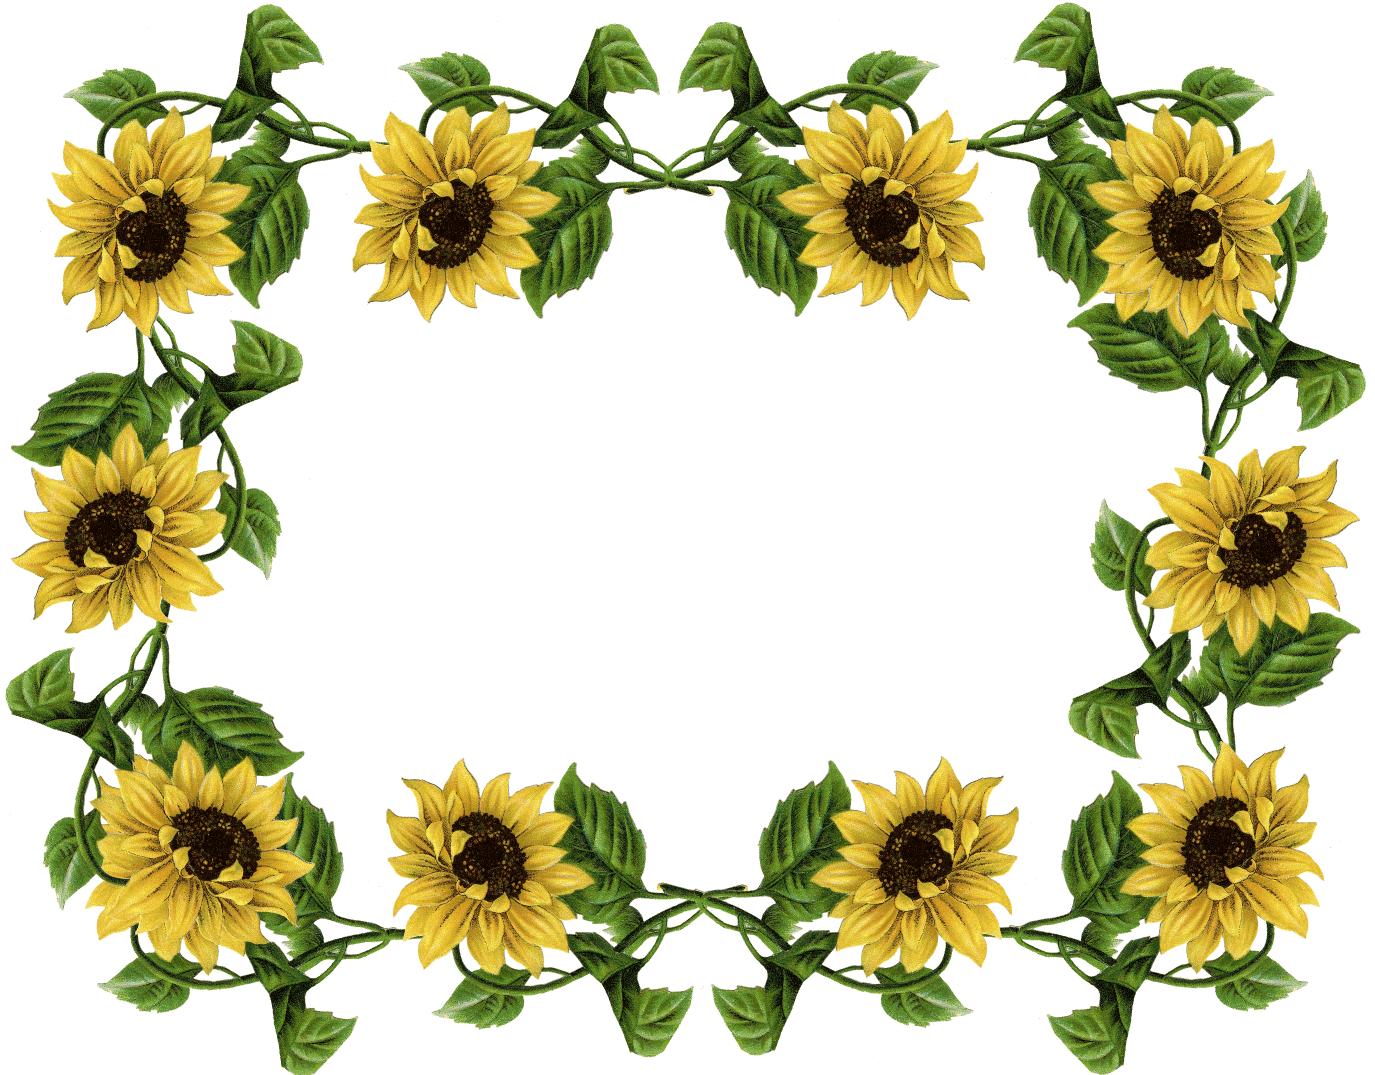 jpg stock Sunflower pics frame pinterest. Sunflowers clipart wedding